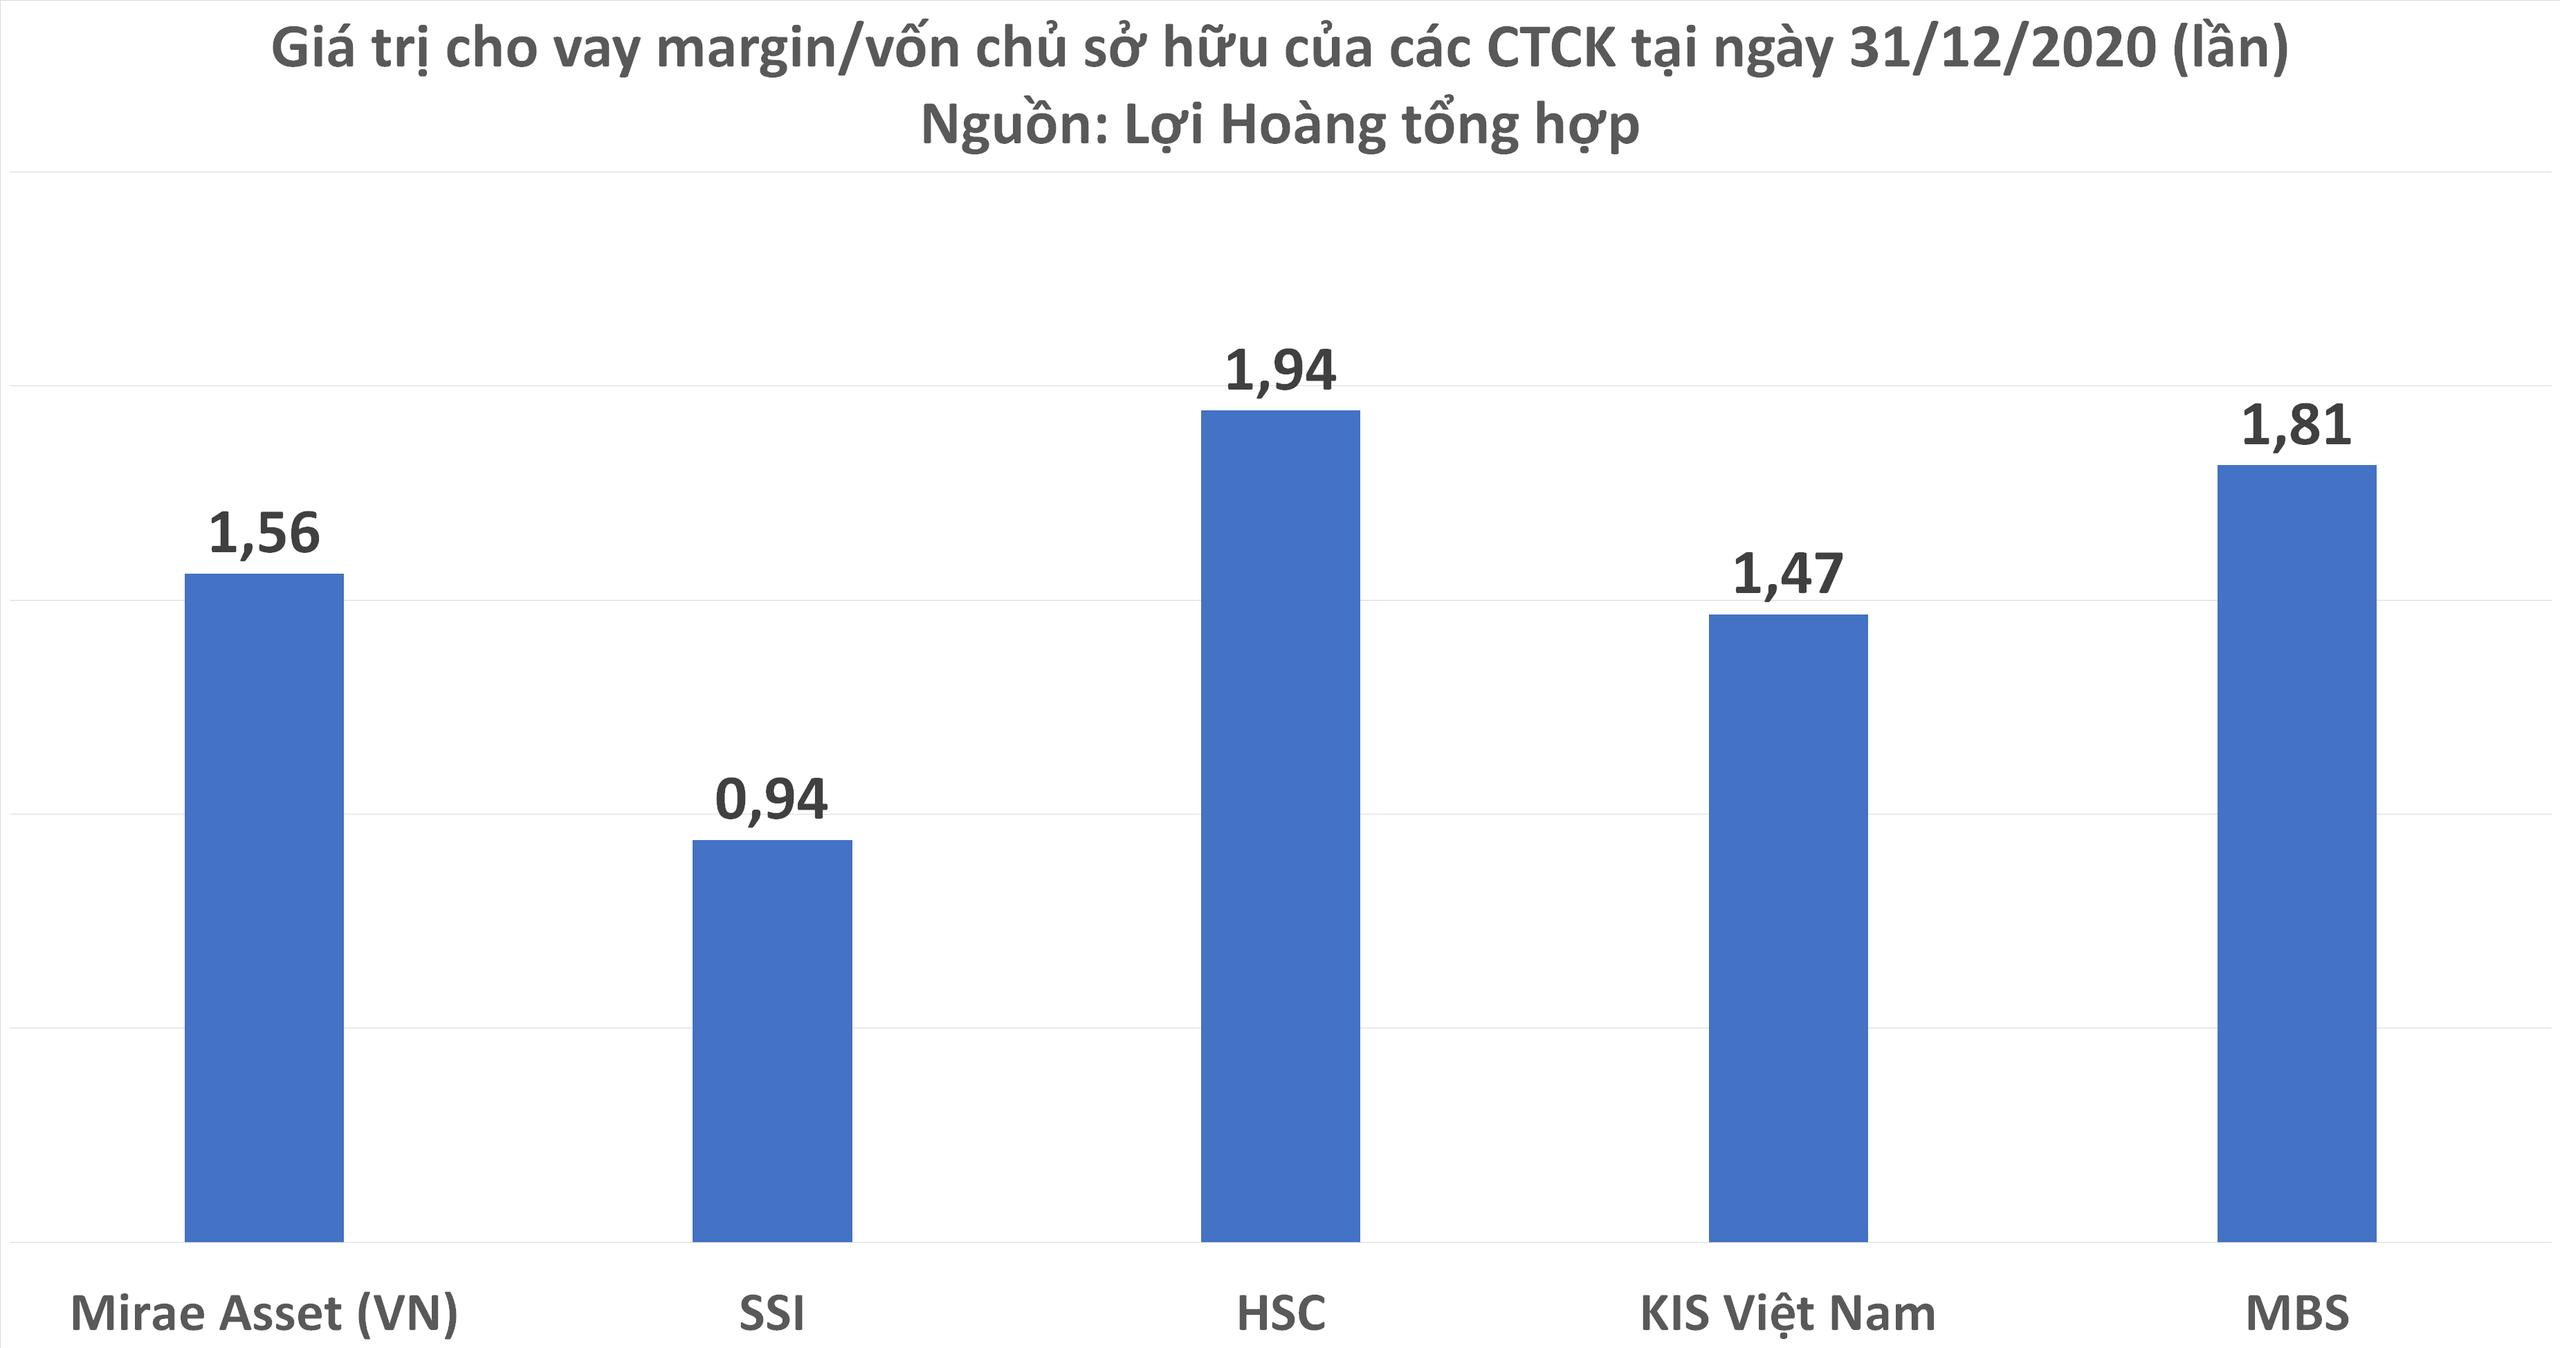 Margin tại các CTCK lớn nhất đang ra sao sau khi tung thêm hơn 10.000 tỷ đồng cho vay trong quý IV? - Ảnh 2.